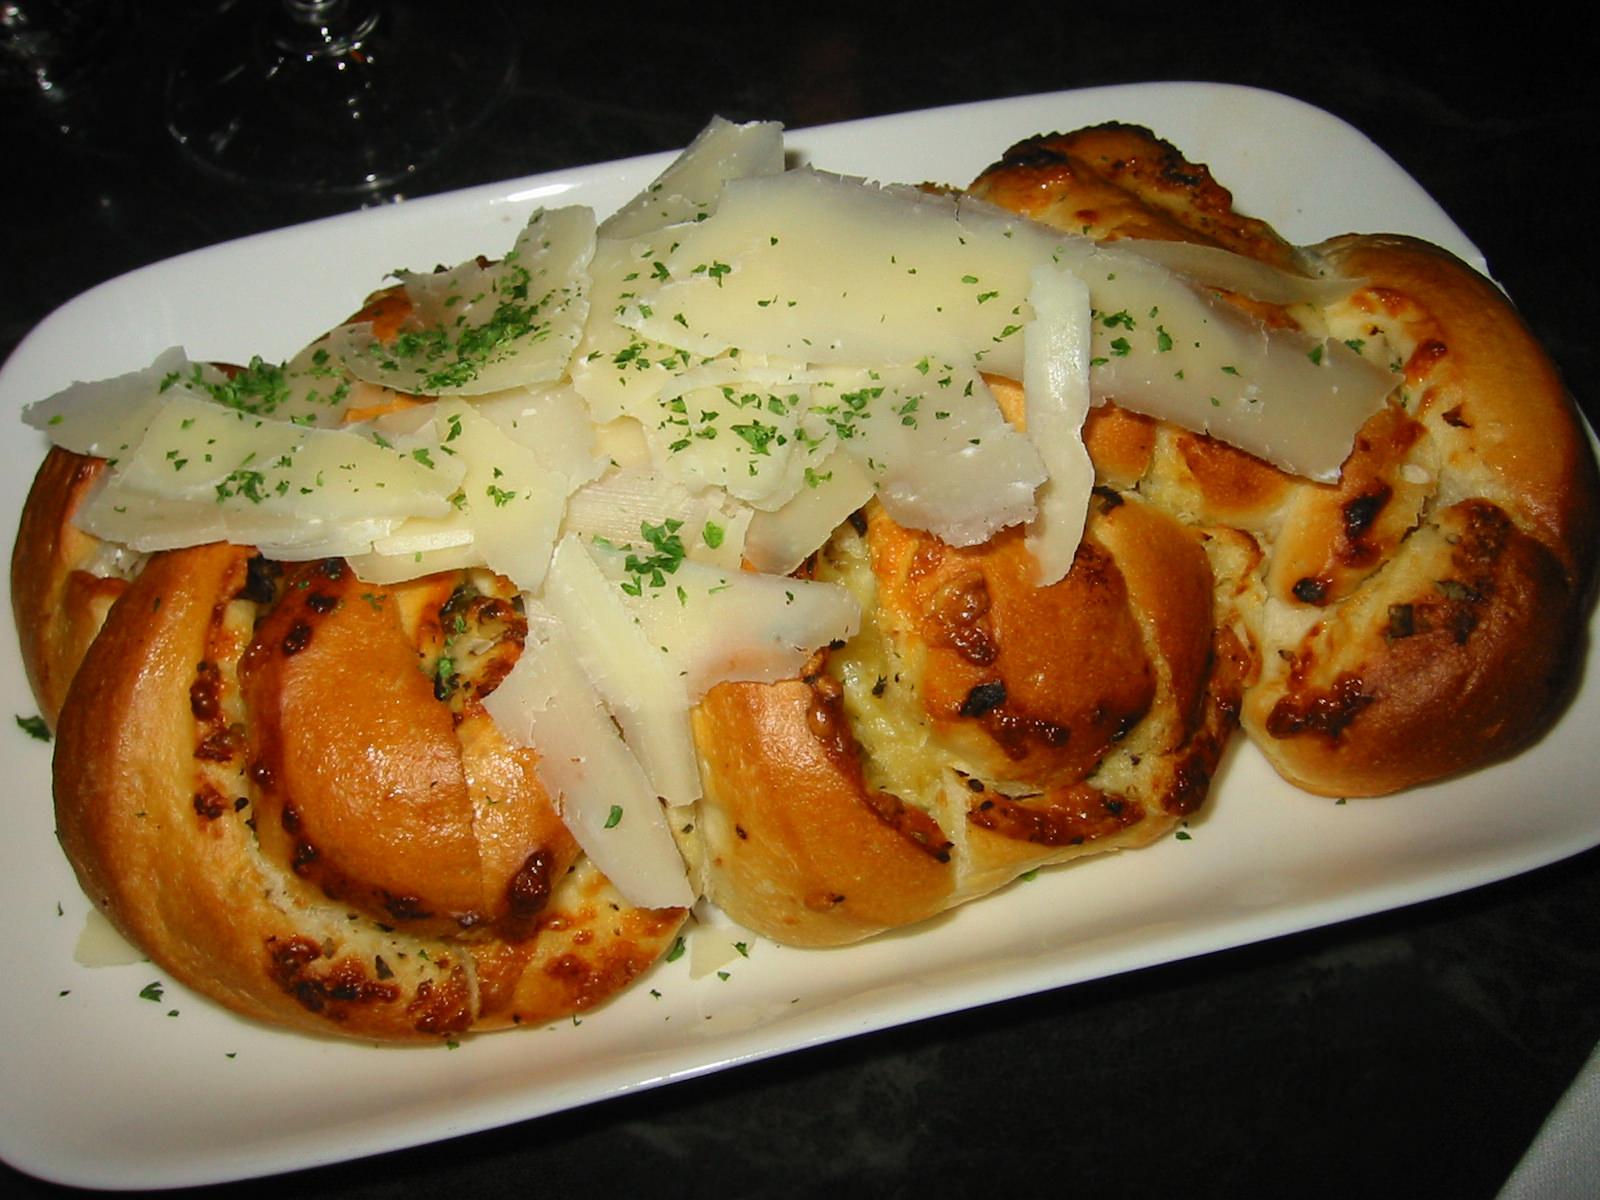 Toasted garlic cibatta bread